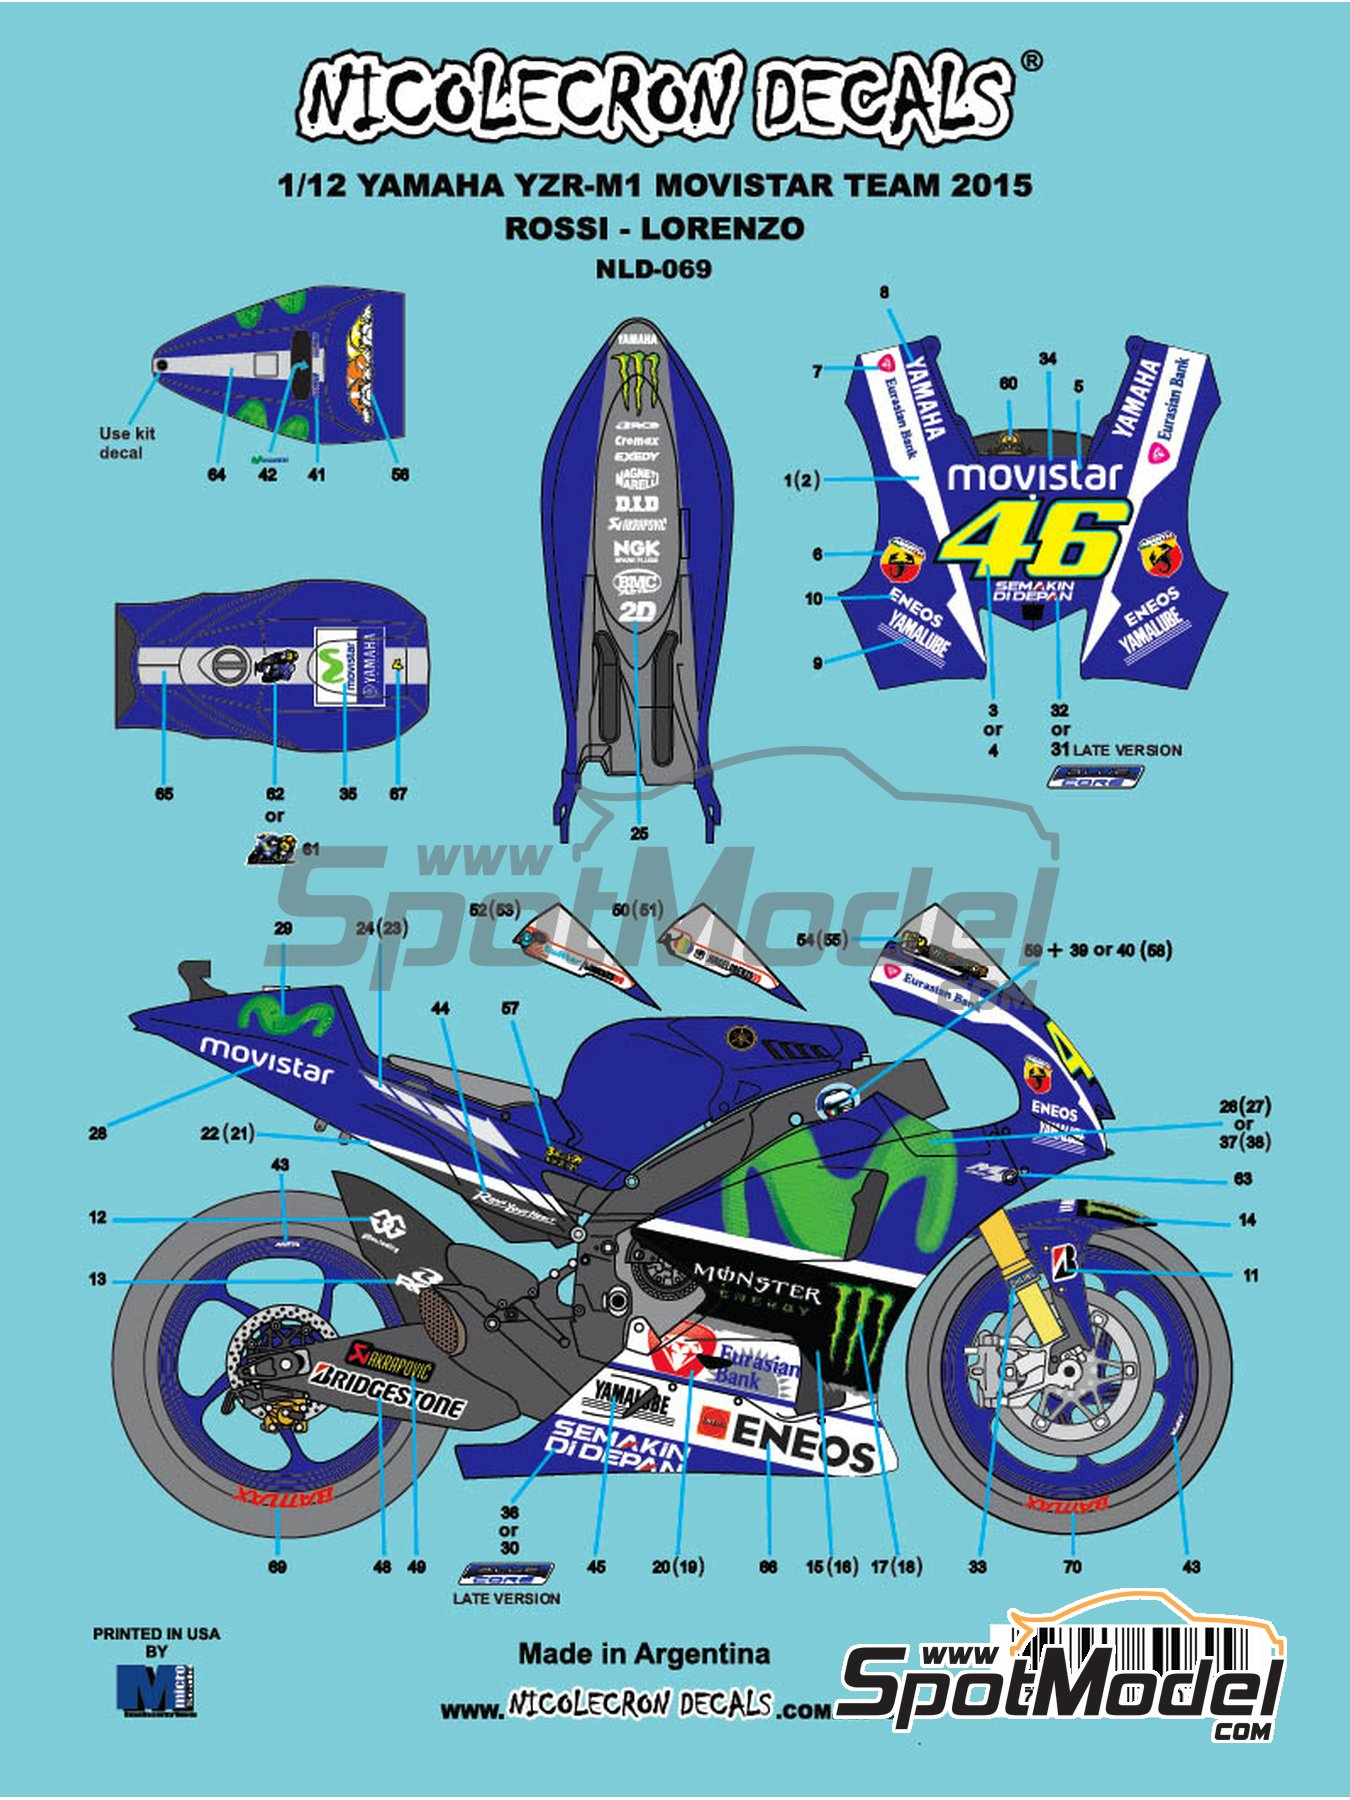 Yamaha YZR-M1 Movistar Team - Campeonato del Mundo de Motociclismo 2015   Decoración en escala1/12 fabricado por Nicolecron Decals (ref.NLD-069) image